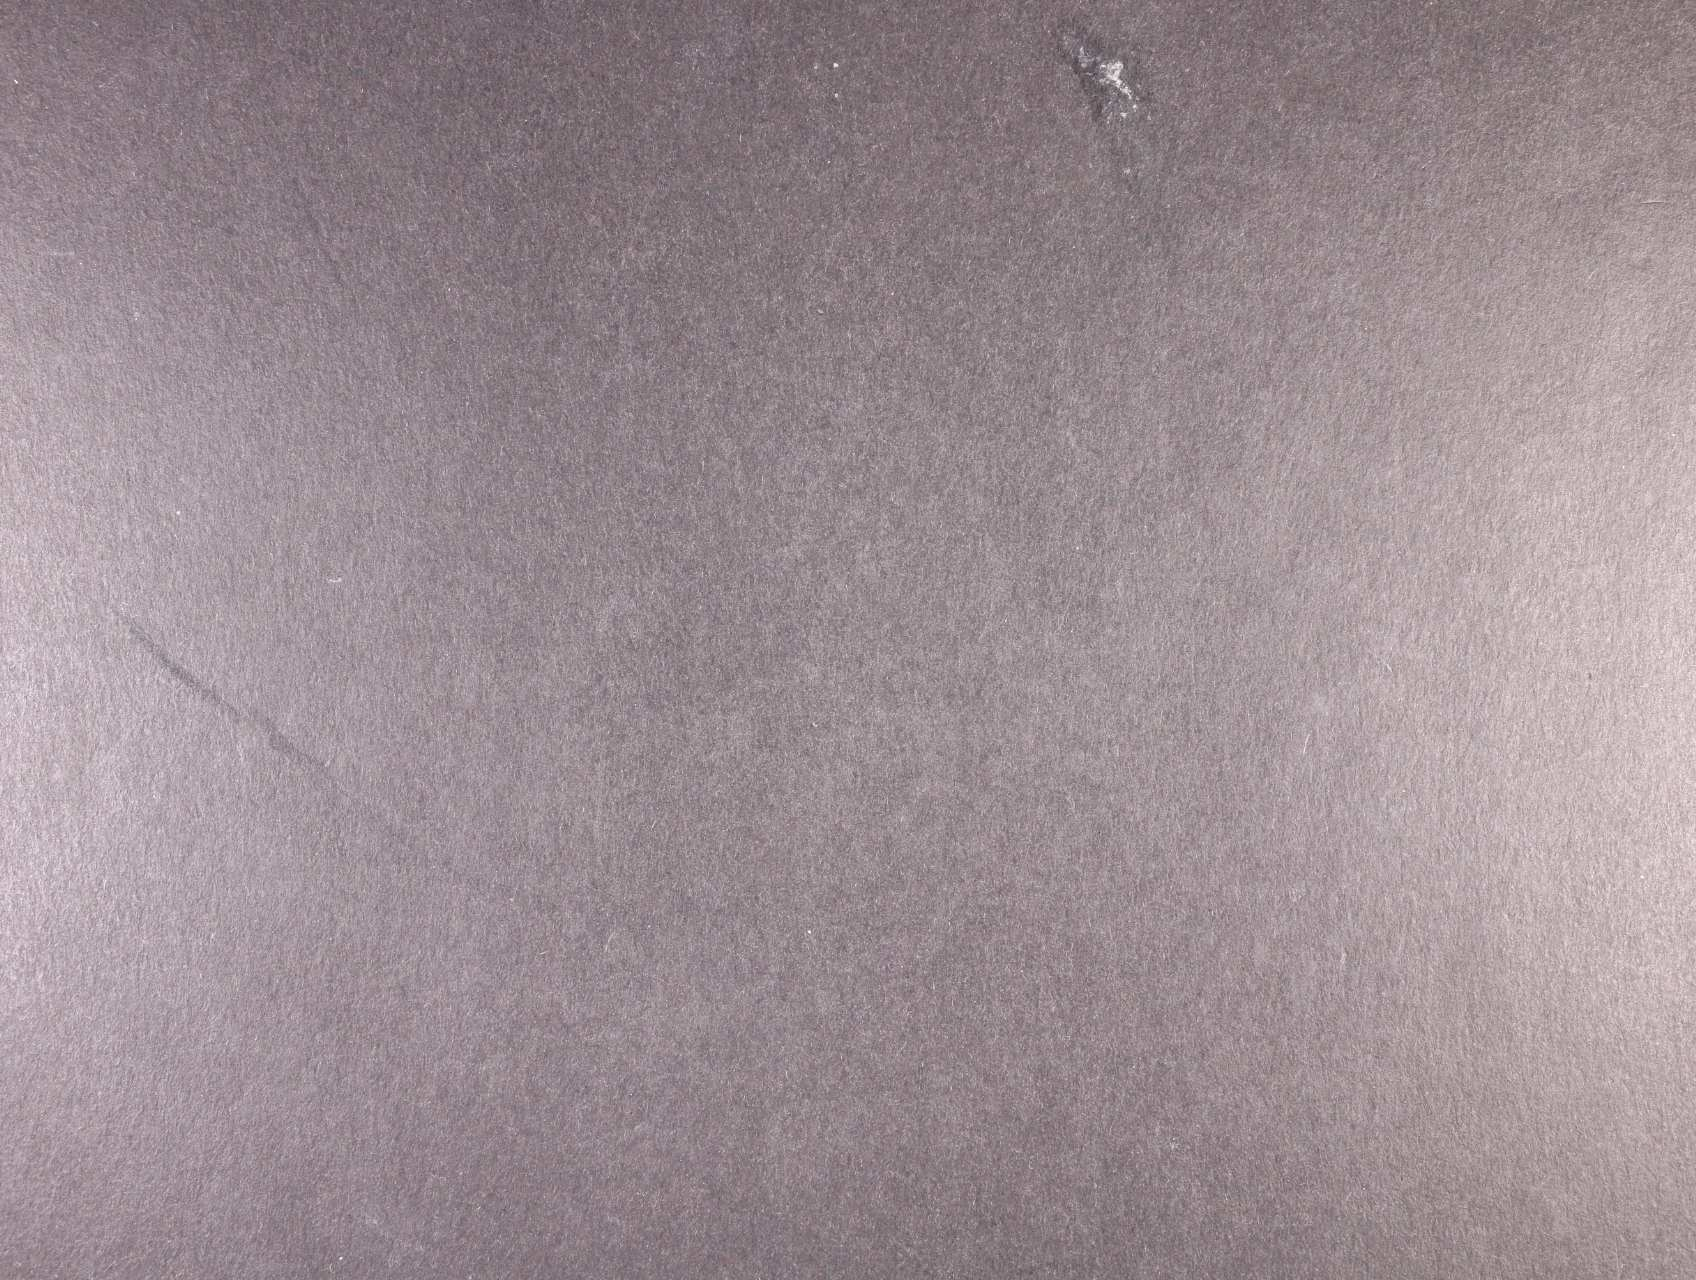 Celiny celý svět - sbírka 112 ks různých celin, použitých i nepoužitých z let 1893 - 1920, uloženo v černém zásobníku A4